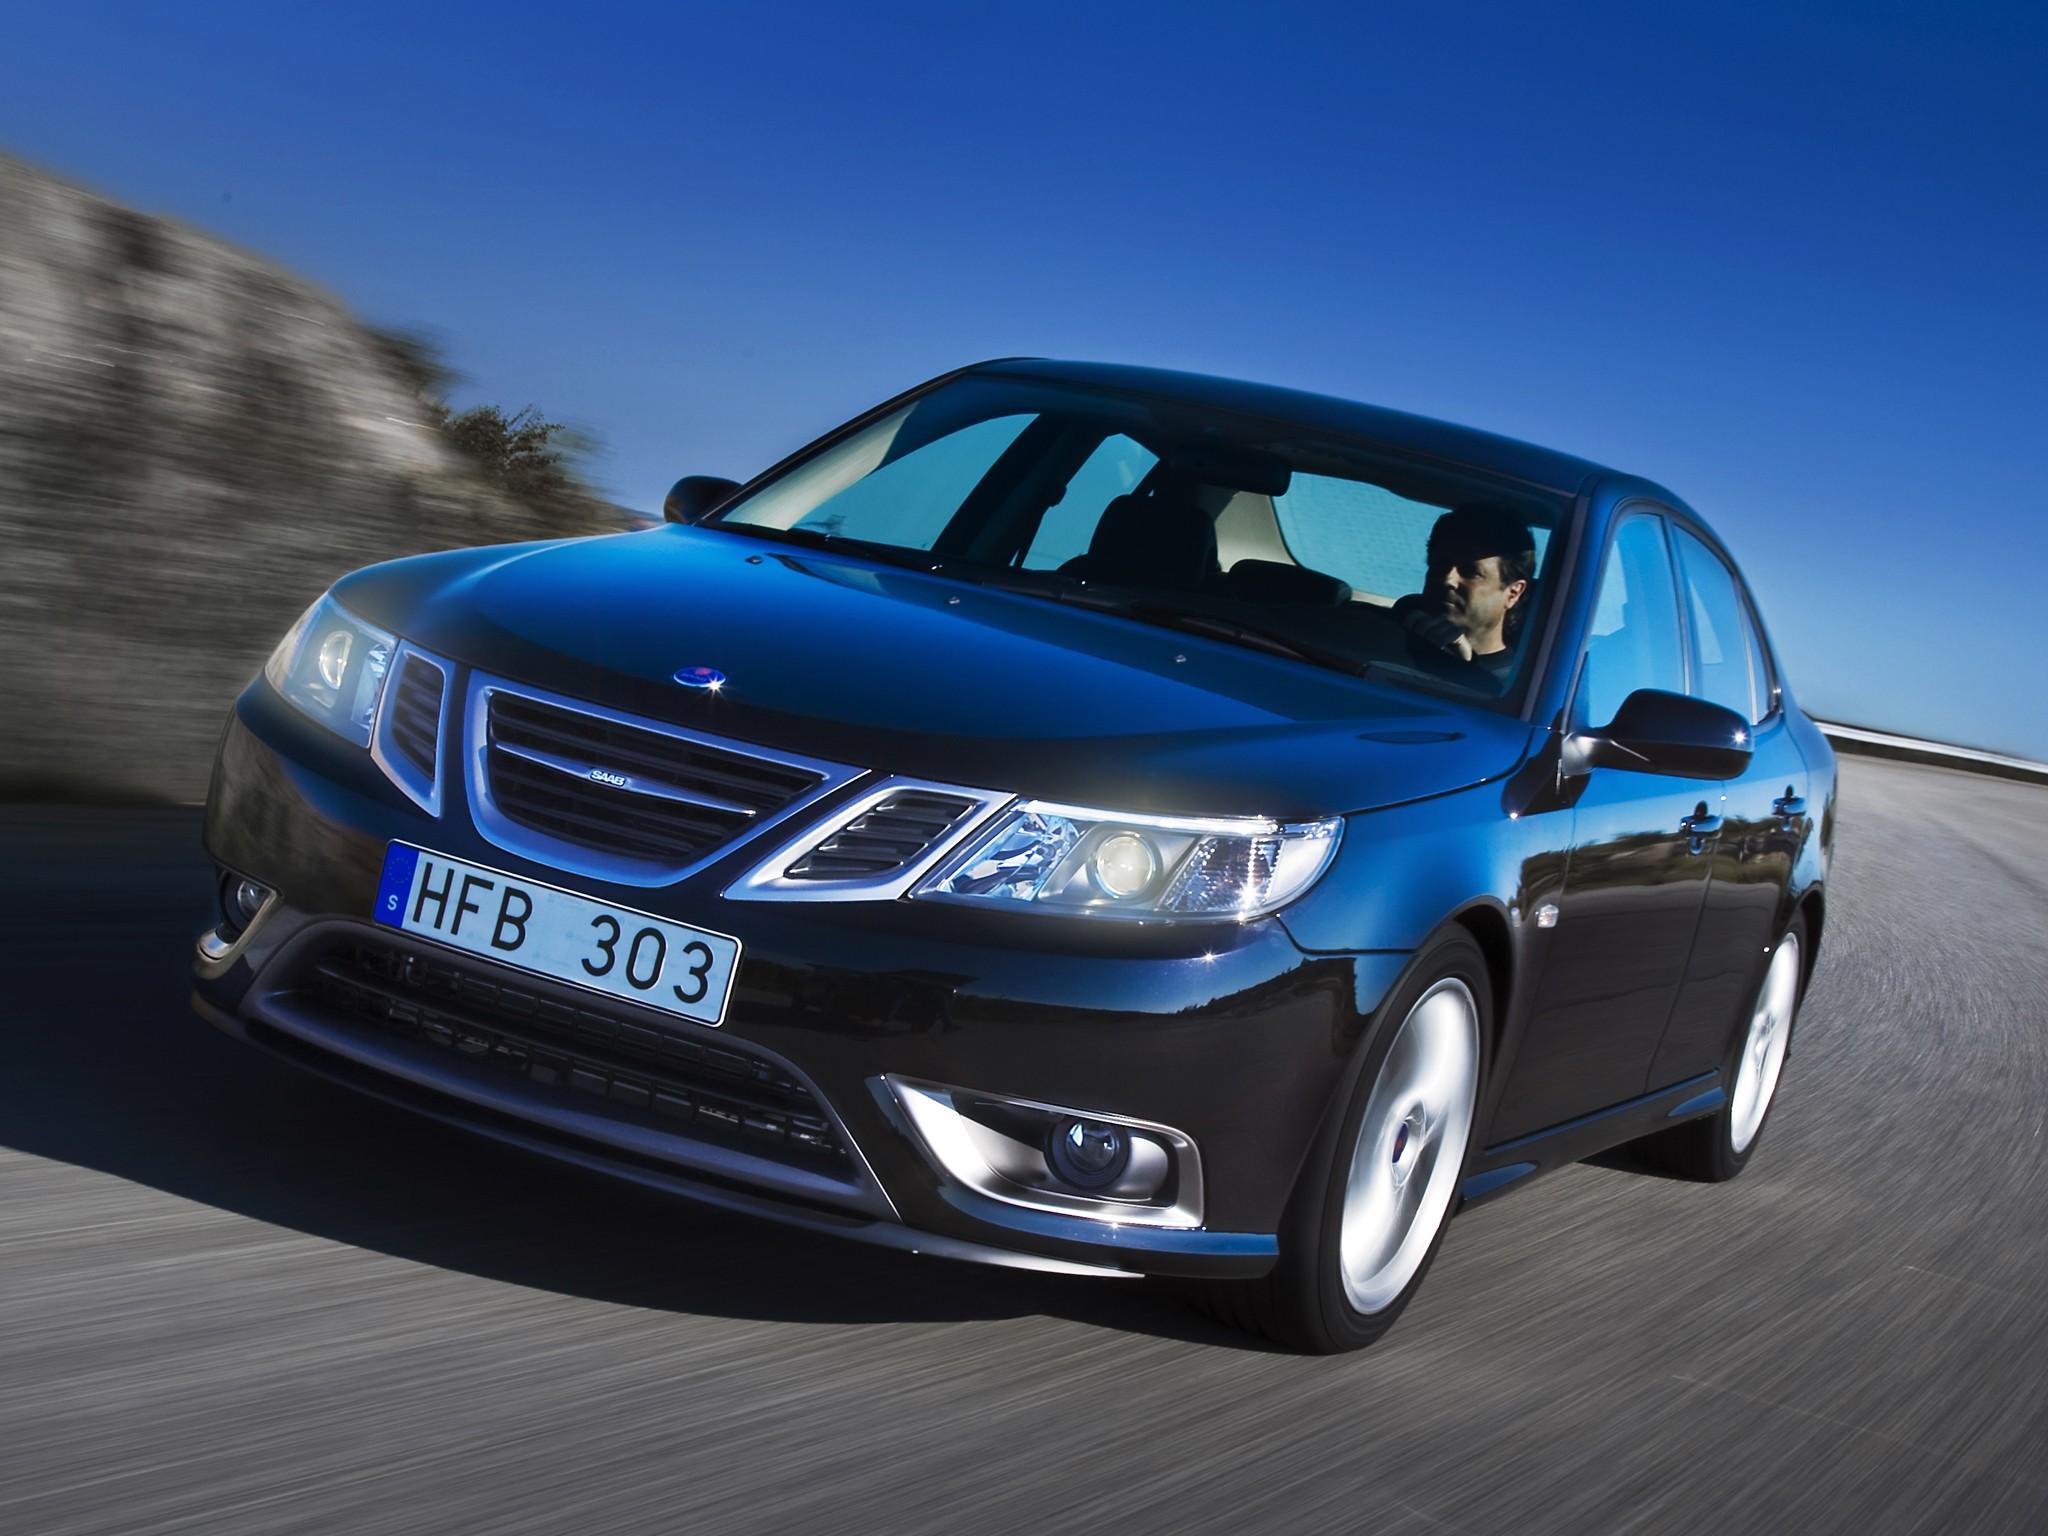 Saab 9 3 Tuning >> SAAB Turbo X - 2008, 2009, 2010, 2011, 2012 - autoevolution